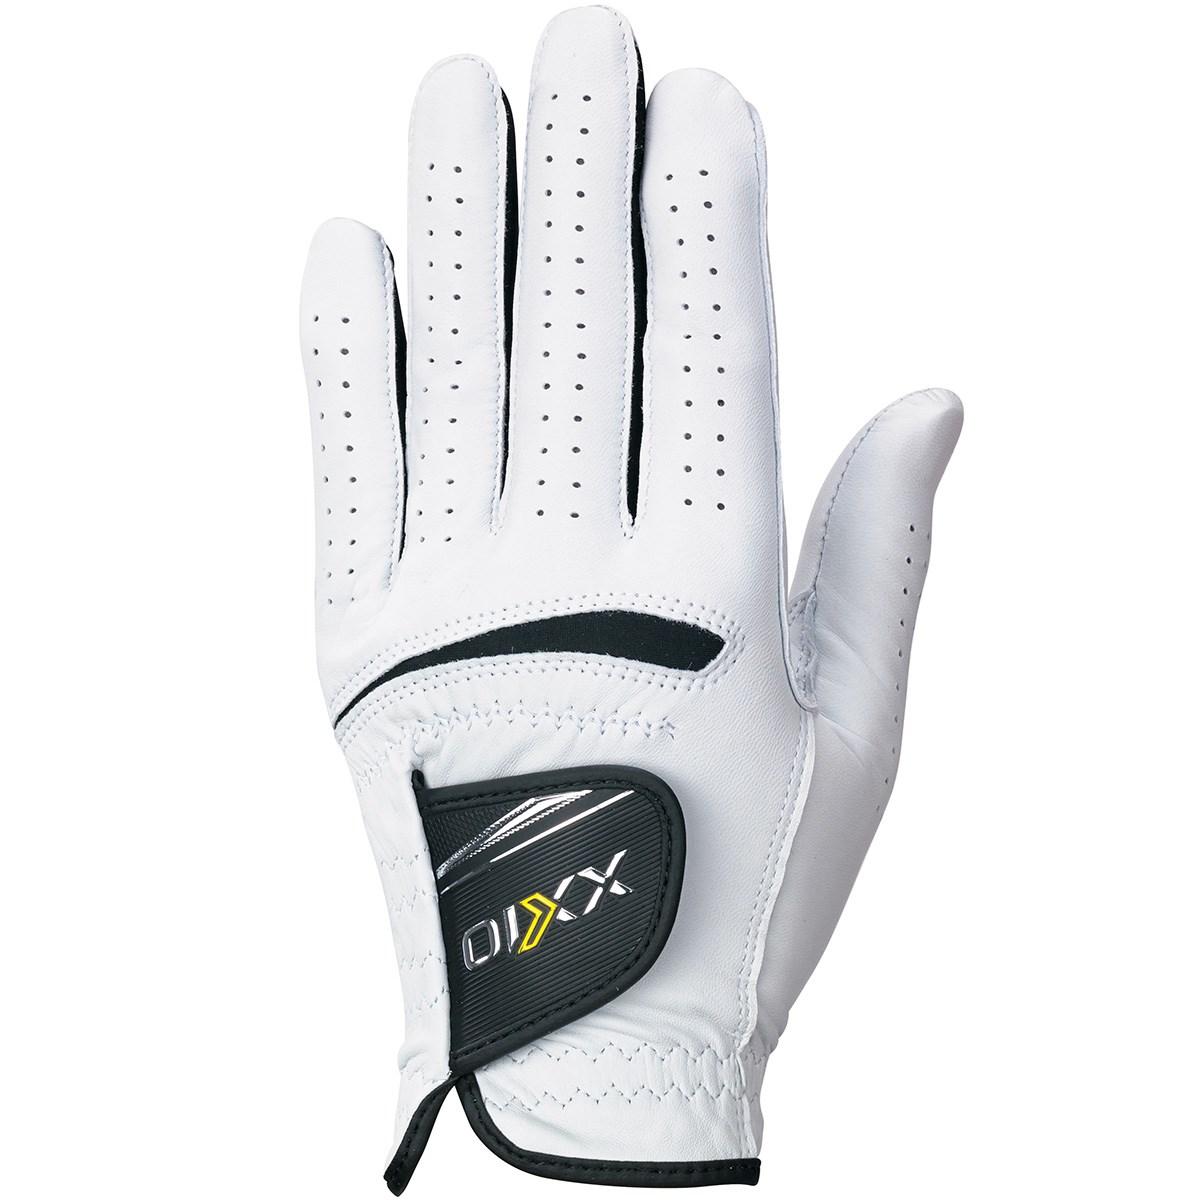 ダンロップ XXIO ゴルフグローブ 22cm 左手着用(右利き用) ホワイト